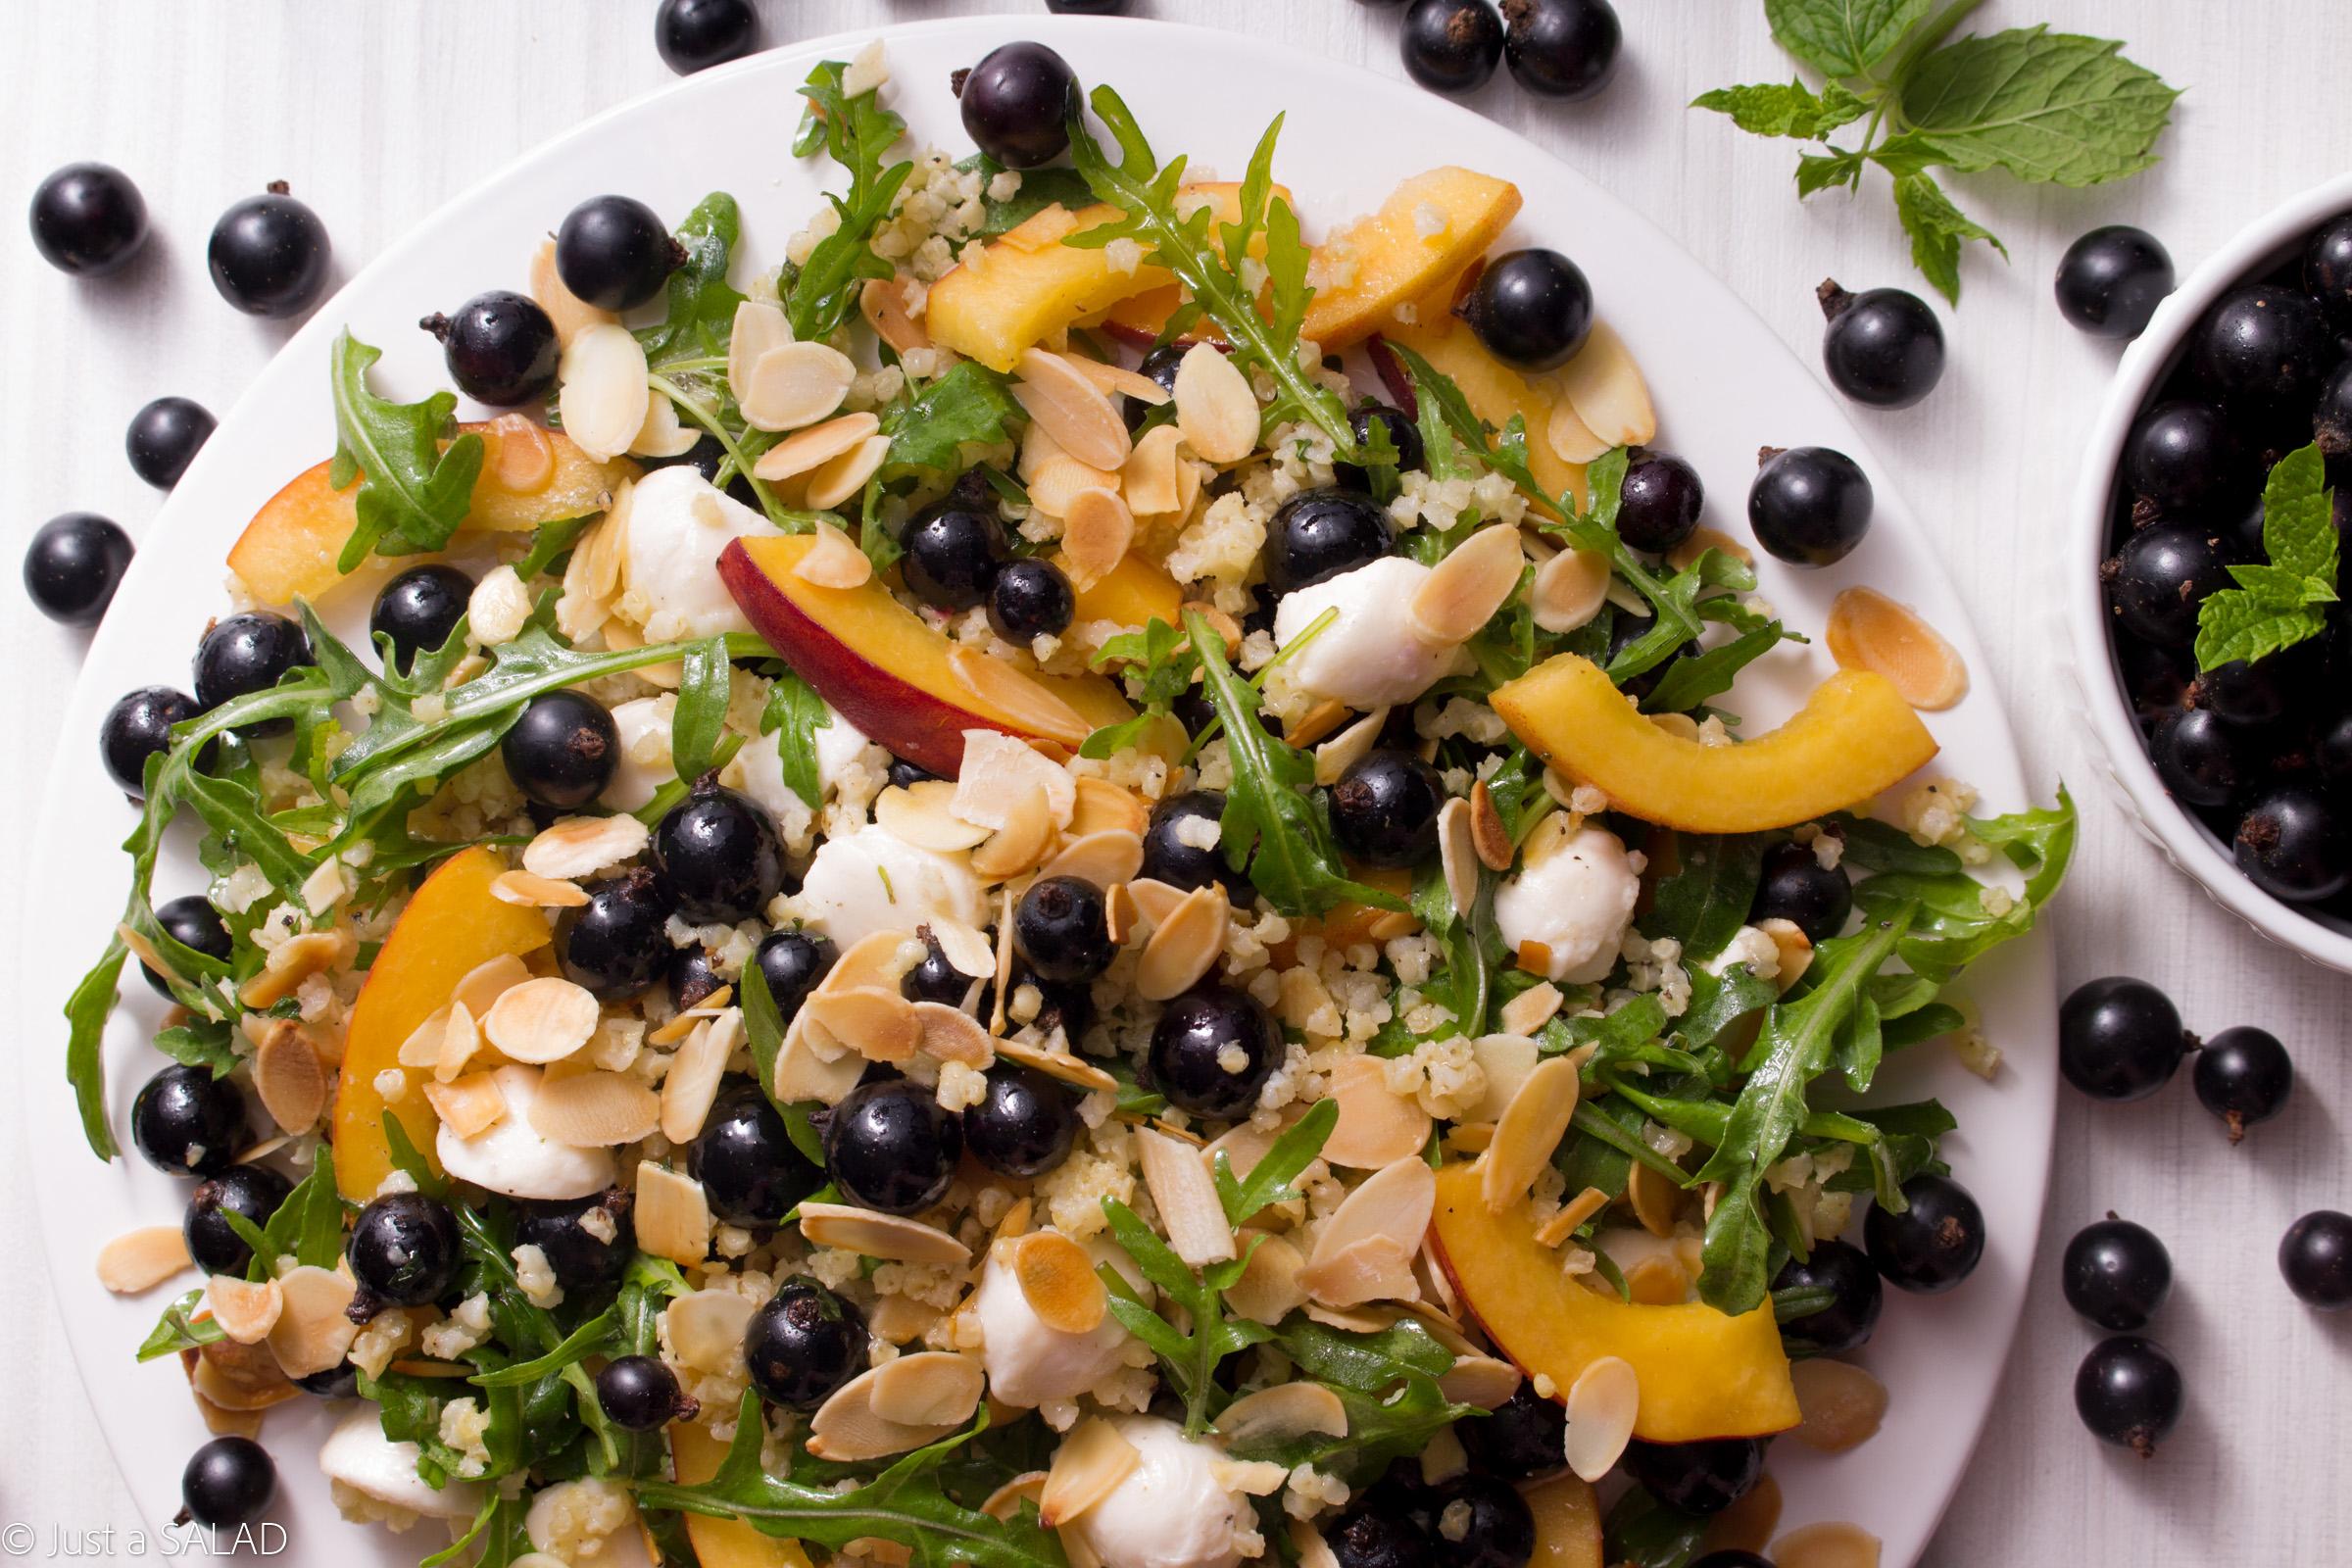 Sałatka z rukolą, kaszą jaglaną, brzoskwinią, czarną porzeczką, mozzarellą i płatkami migdałowymi.